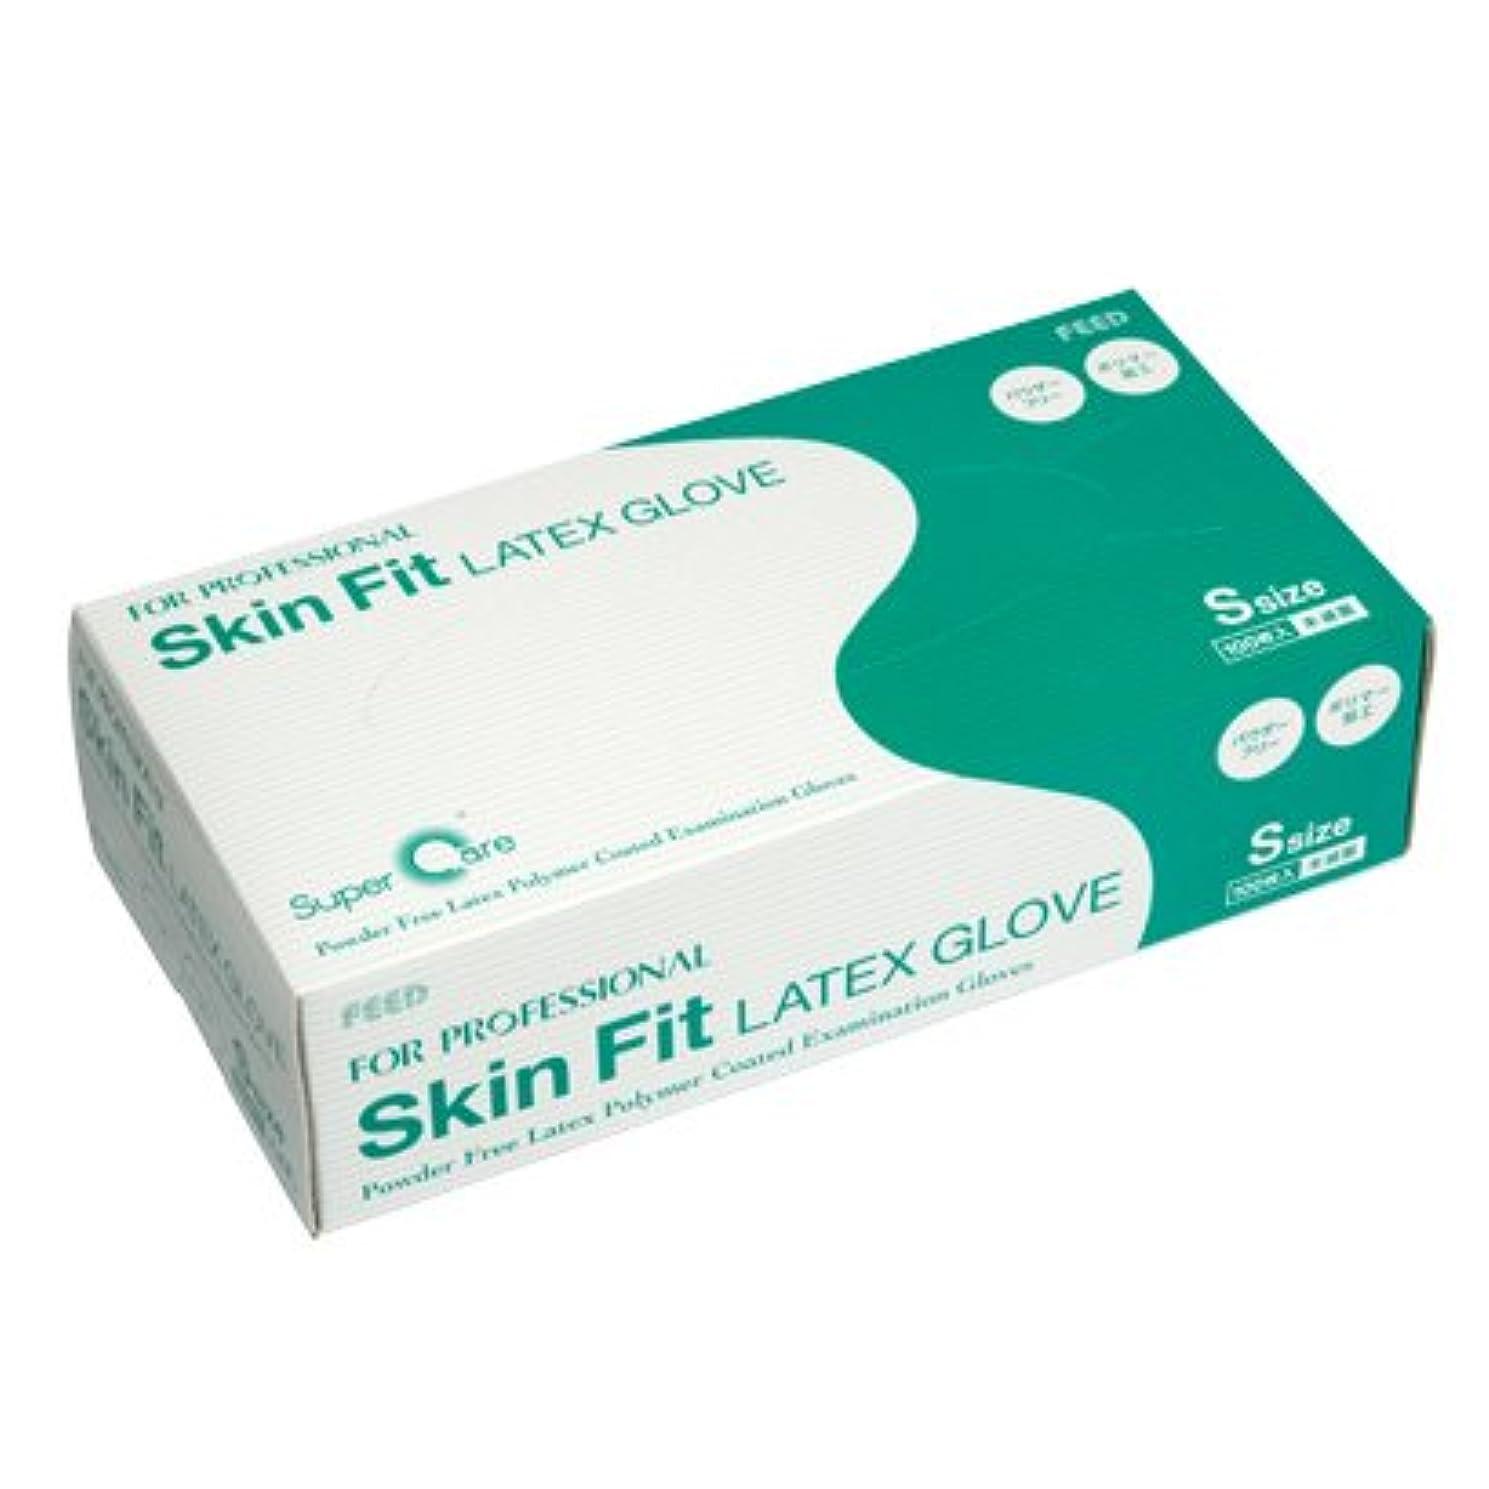 突っ込む接続あなたはFEED(フィード) Skin Fit ラテックスグローブ パウダーフリー ポリマー加工 S カートン(100枚入×10ケース) (医療機器)